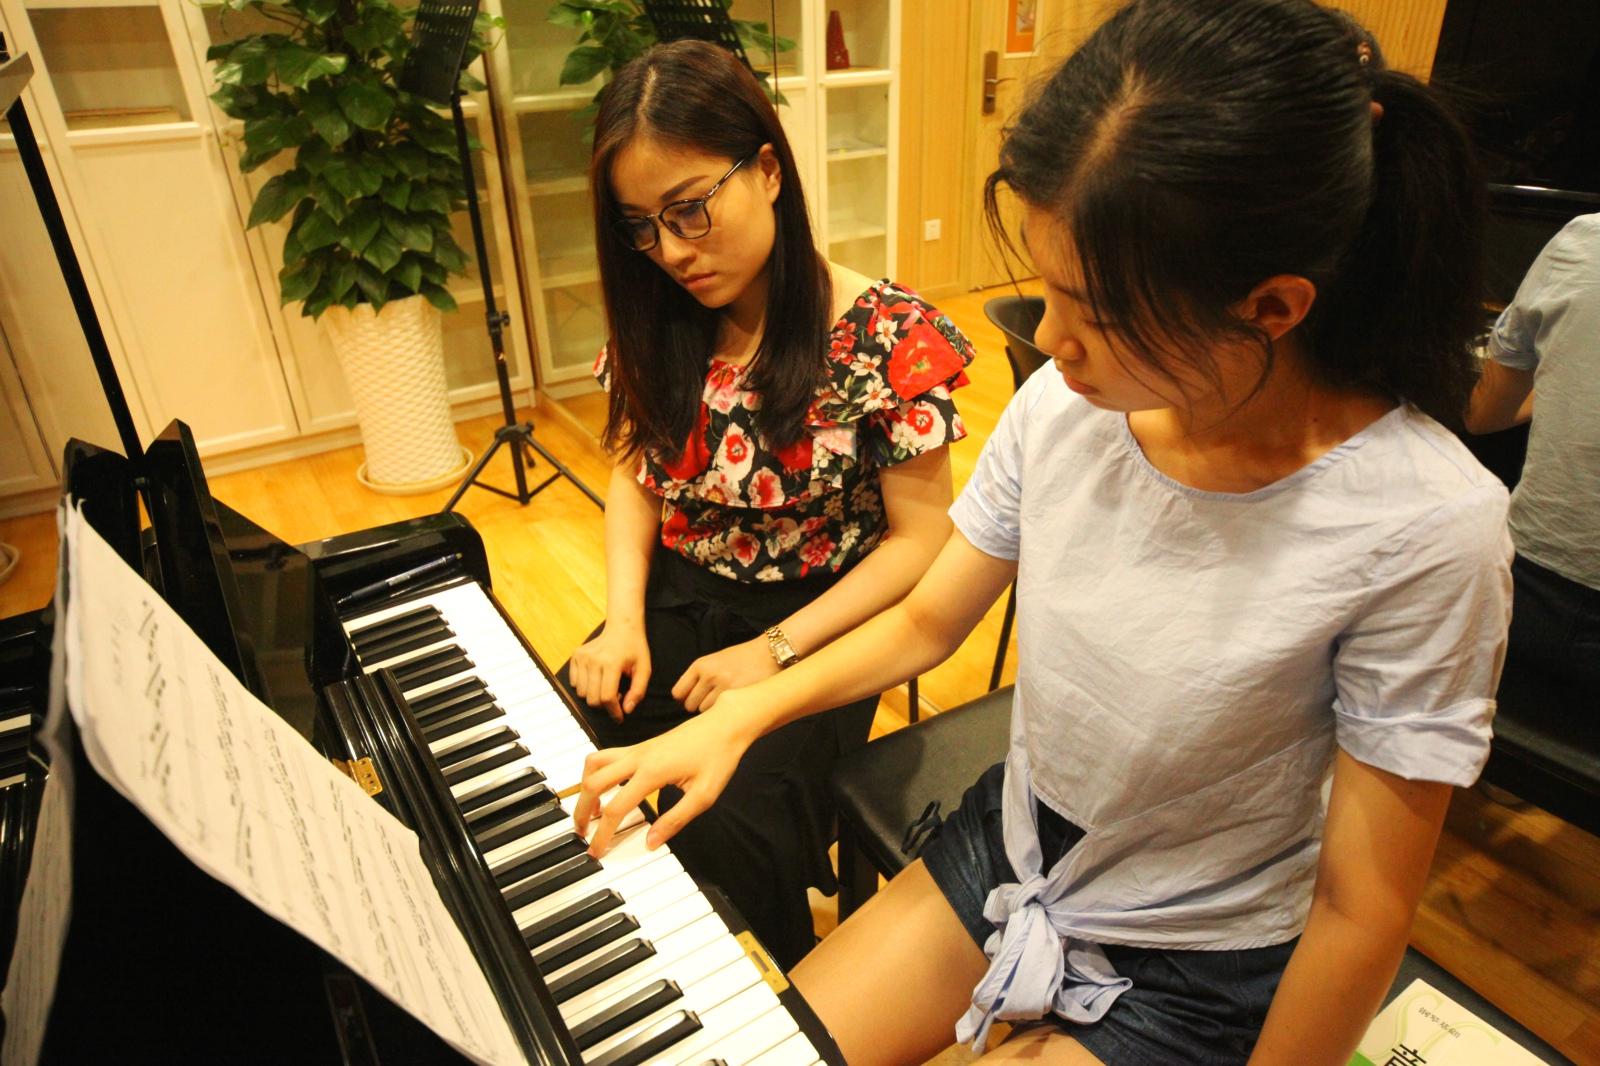 學好樂器算是學好音樂嗎?